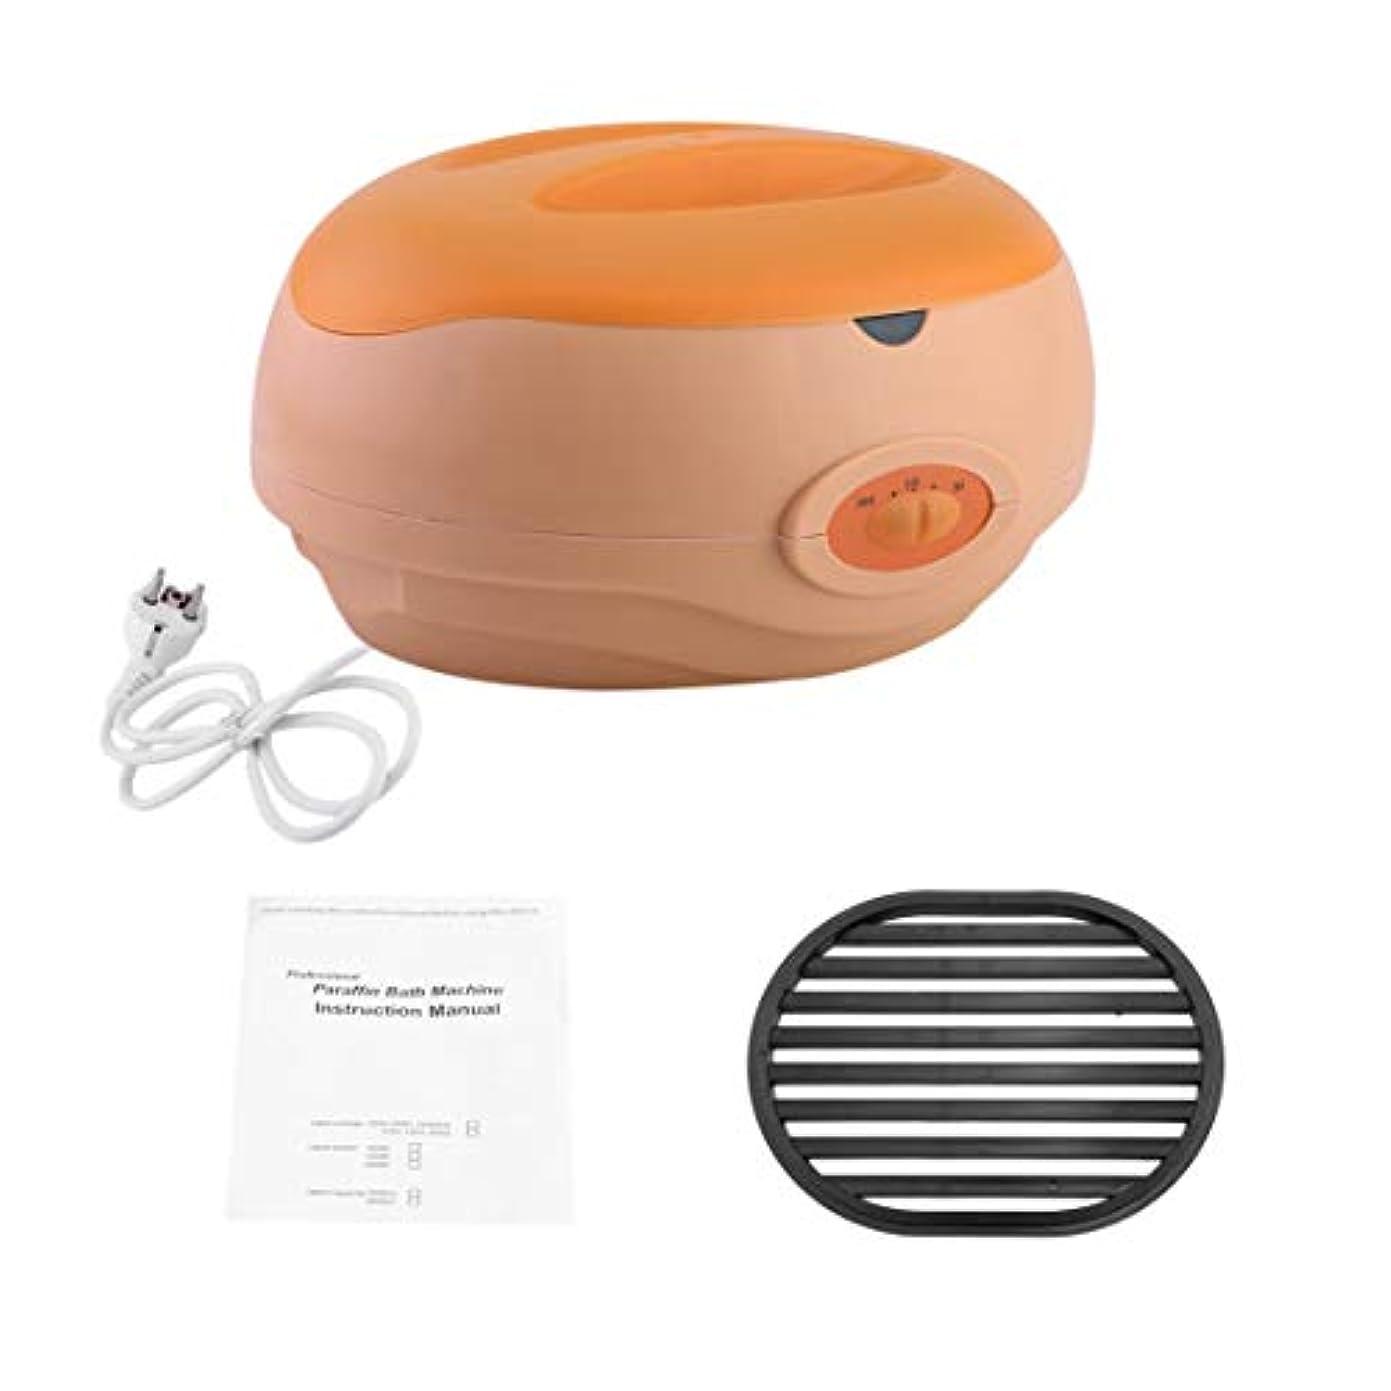 節約する可愛い租界パラフィンセラピーバスワックスポットウォーマーサロンスパハンド脱毛器ワックスヒーター機器ケリセラピーシステム美容ケア(オレンジ)